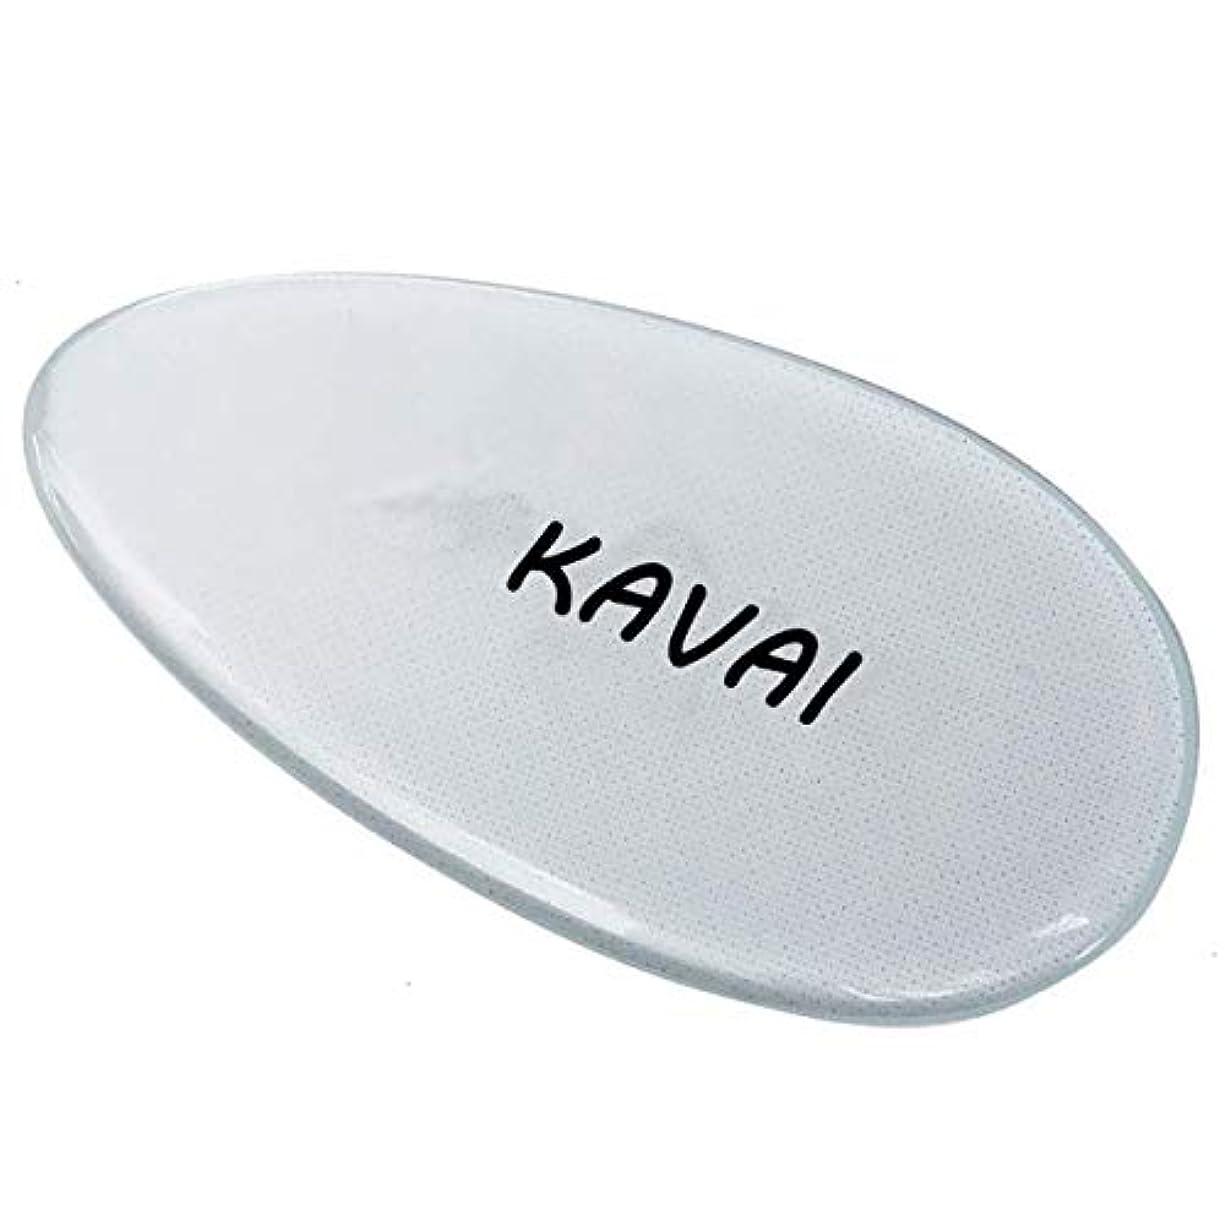 調べる量報いるKavai かかと削り, かかと 角質取り ガラス, ガラス製かかとやすり 足 かかと削り かかと削り かかと磨き ガラス製 爪やすり (かかと削り)